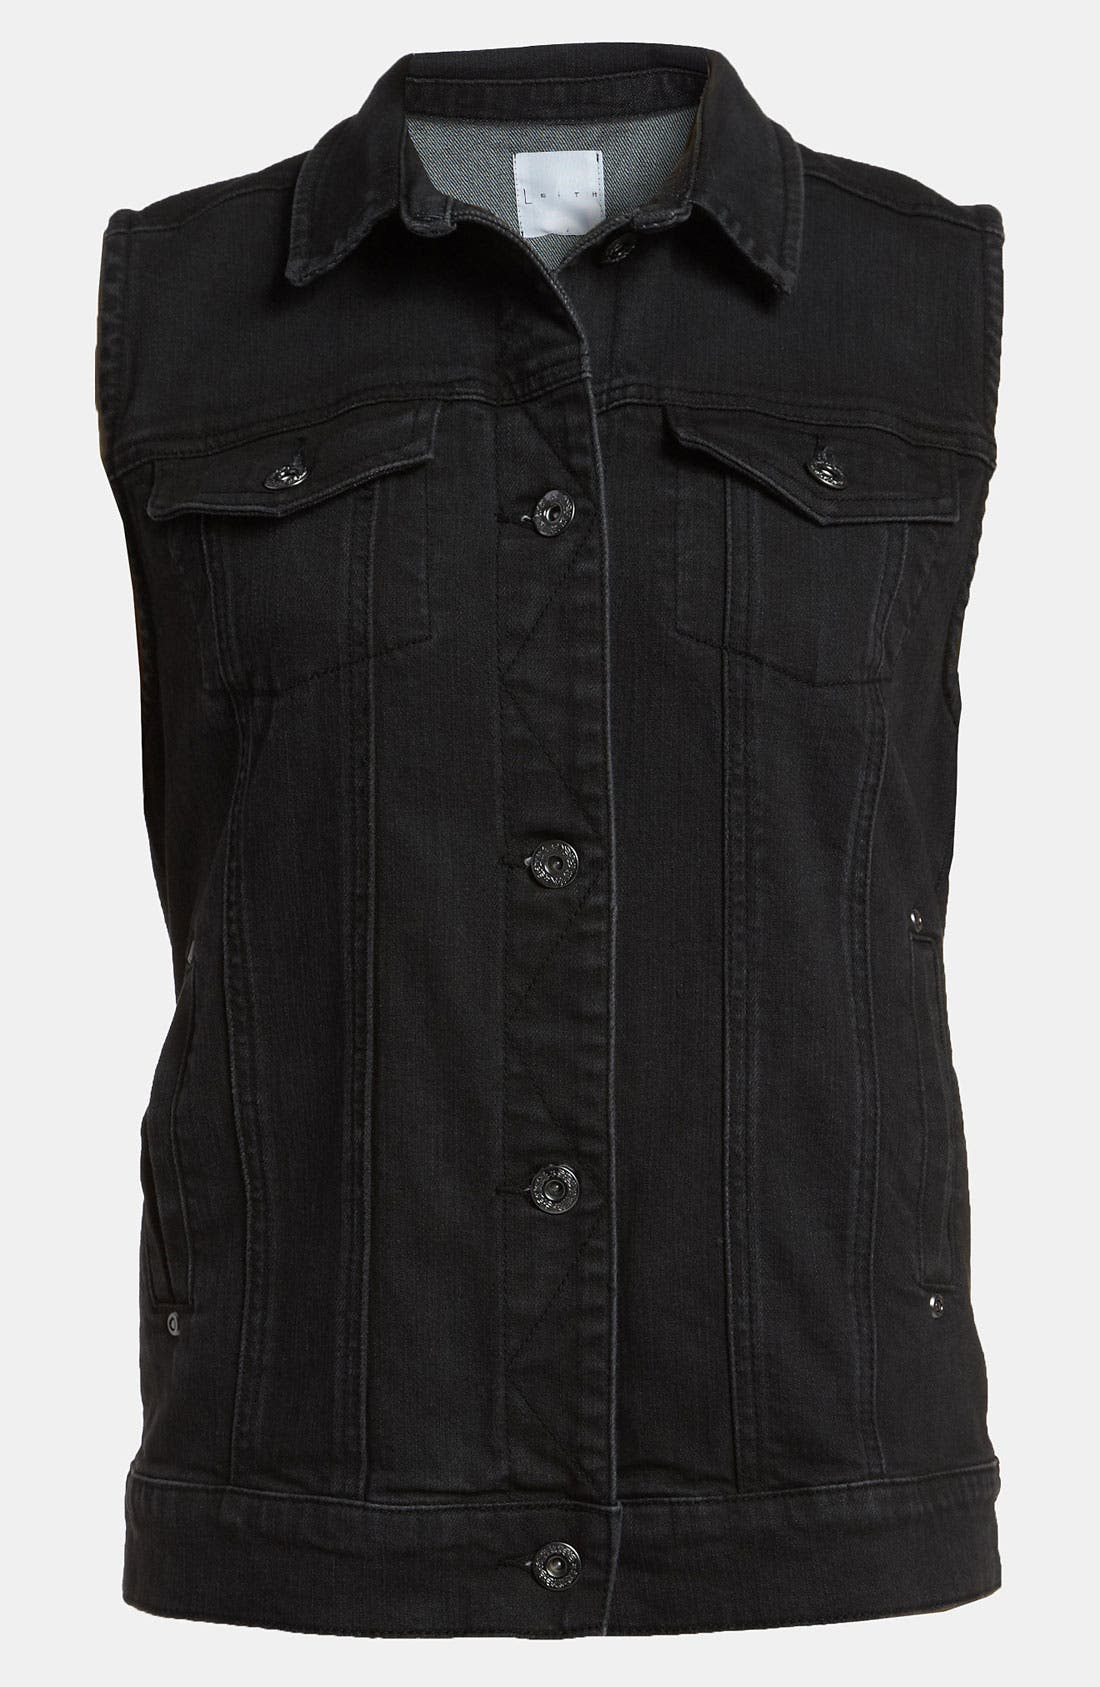 Main Image - Leith Sleeveless Denim Jacket